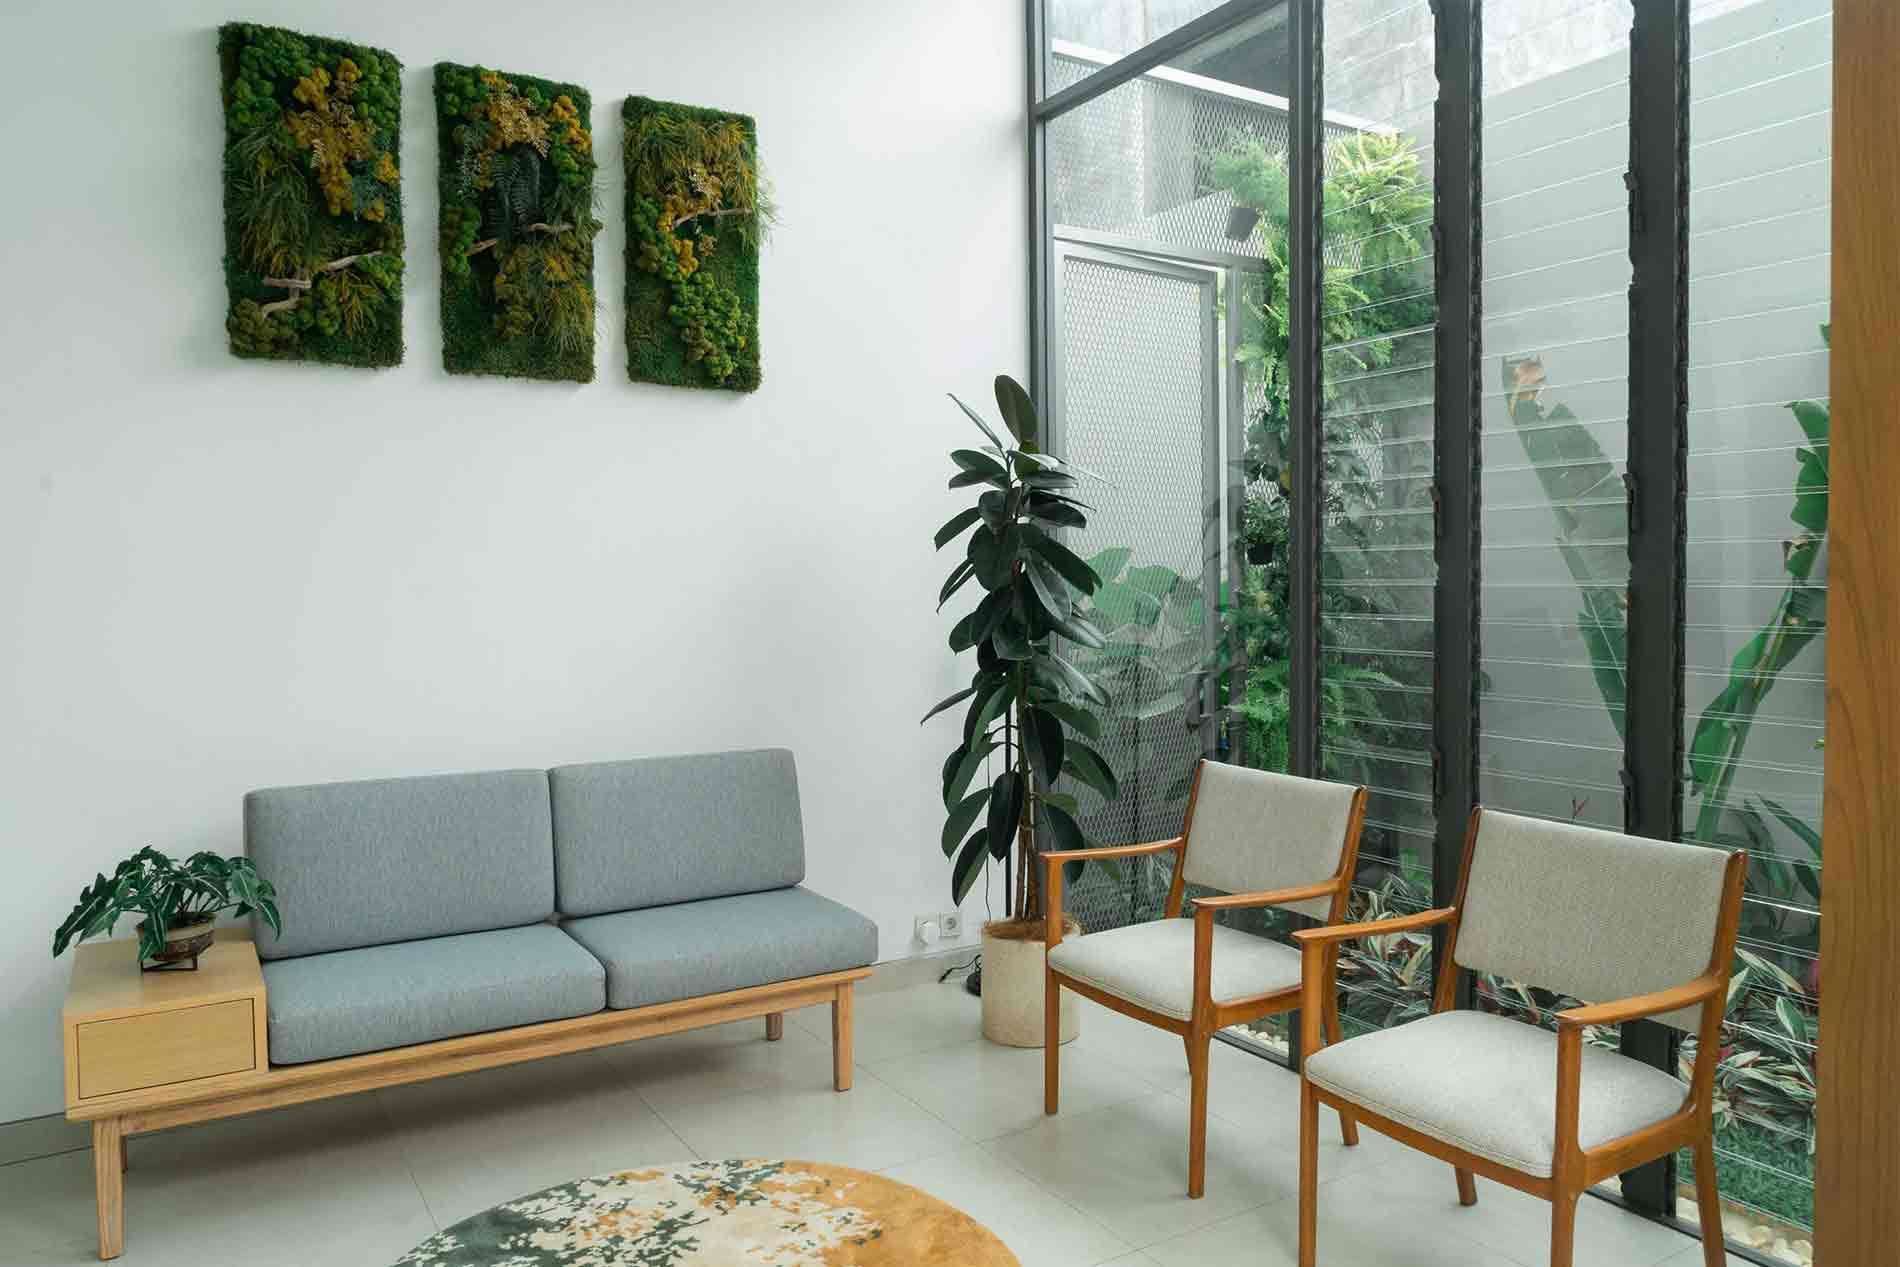 Dekorasi tanaman hias ruang tamu, desain Interior karya Miveworks, via arsitag.com